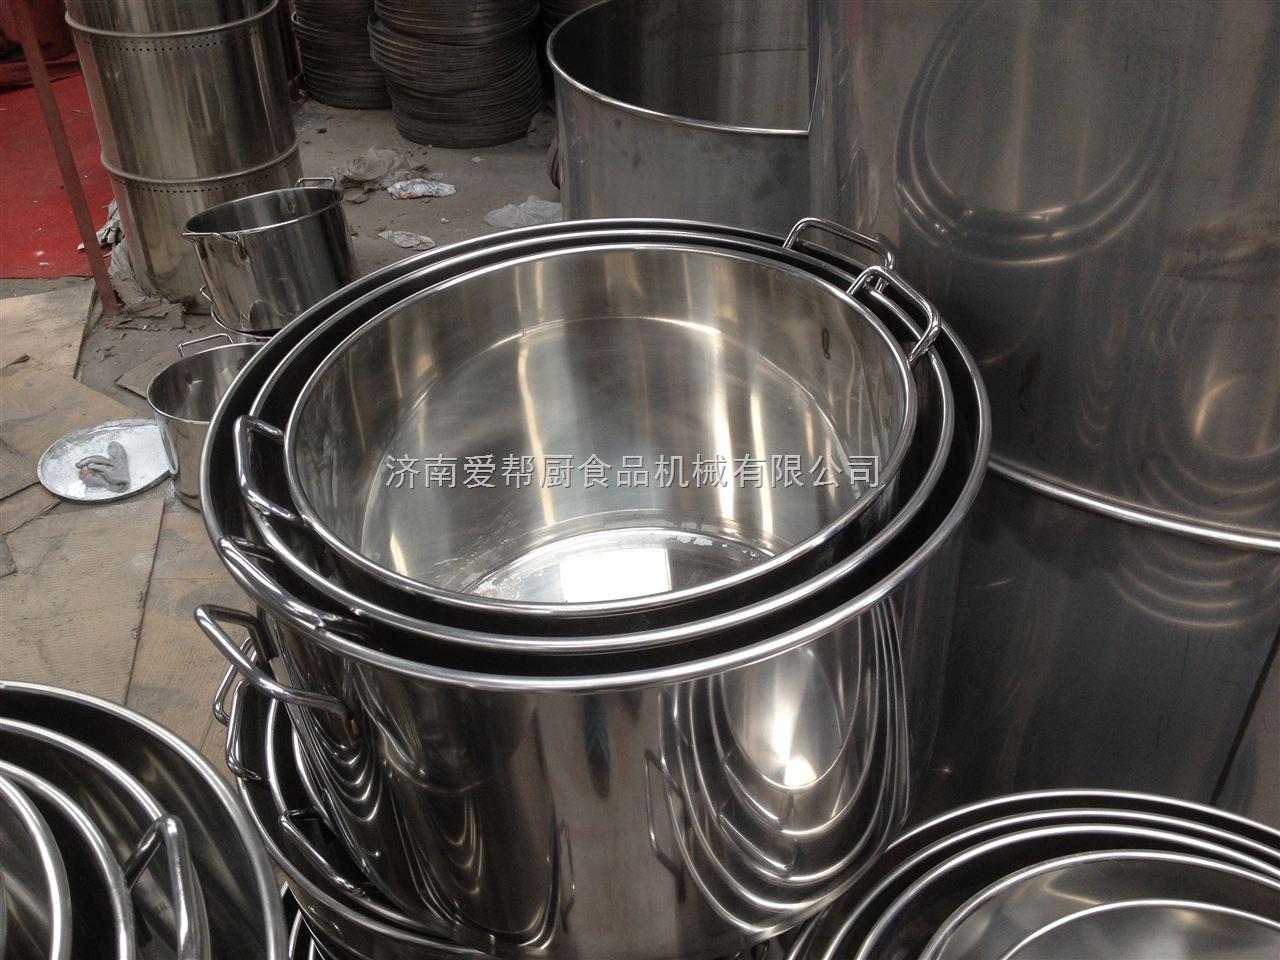 厂家批发供应不锈钢设备各种型号的汤桶